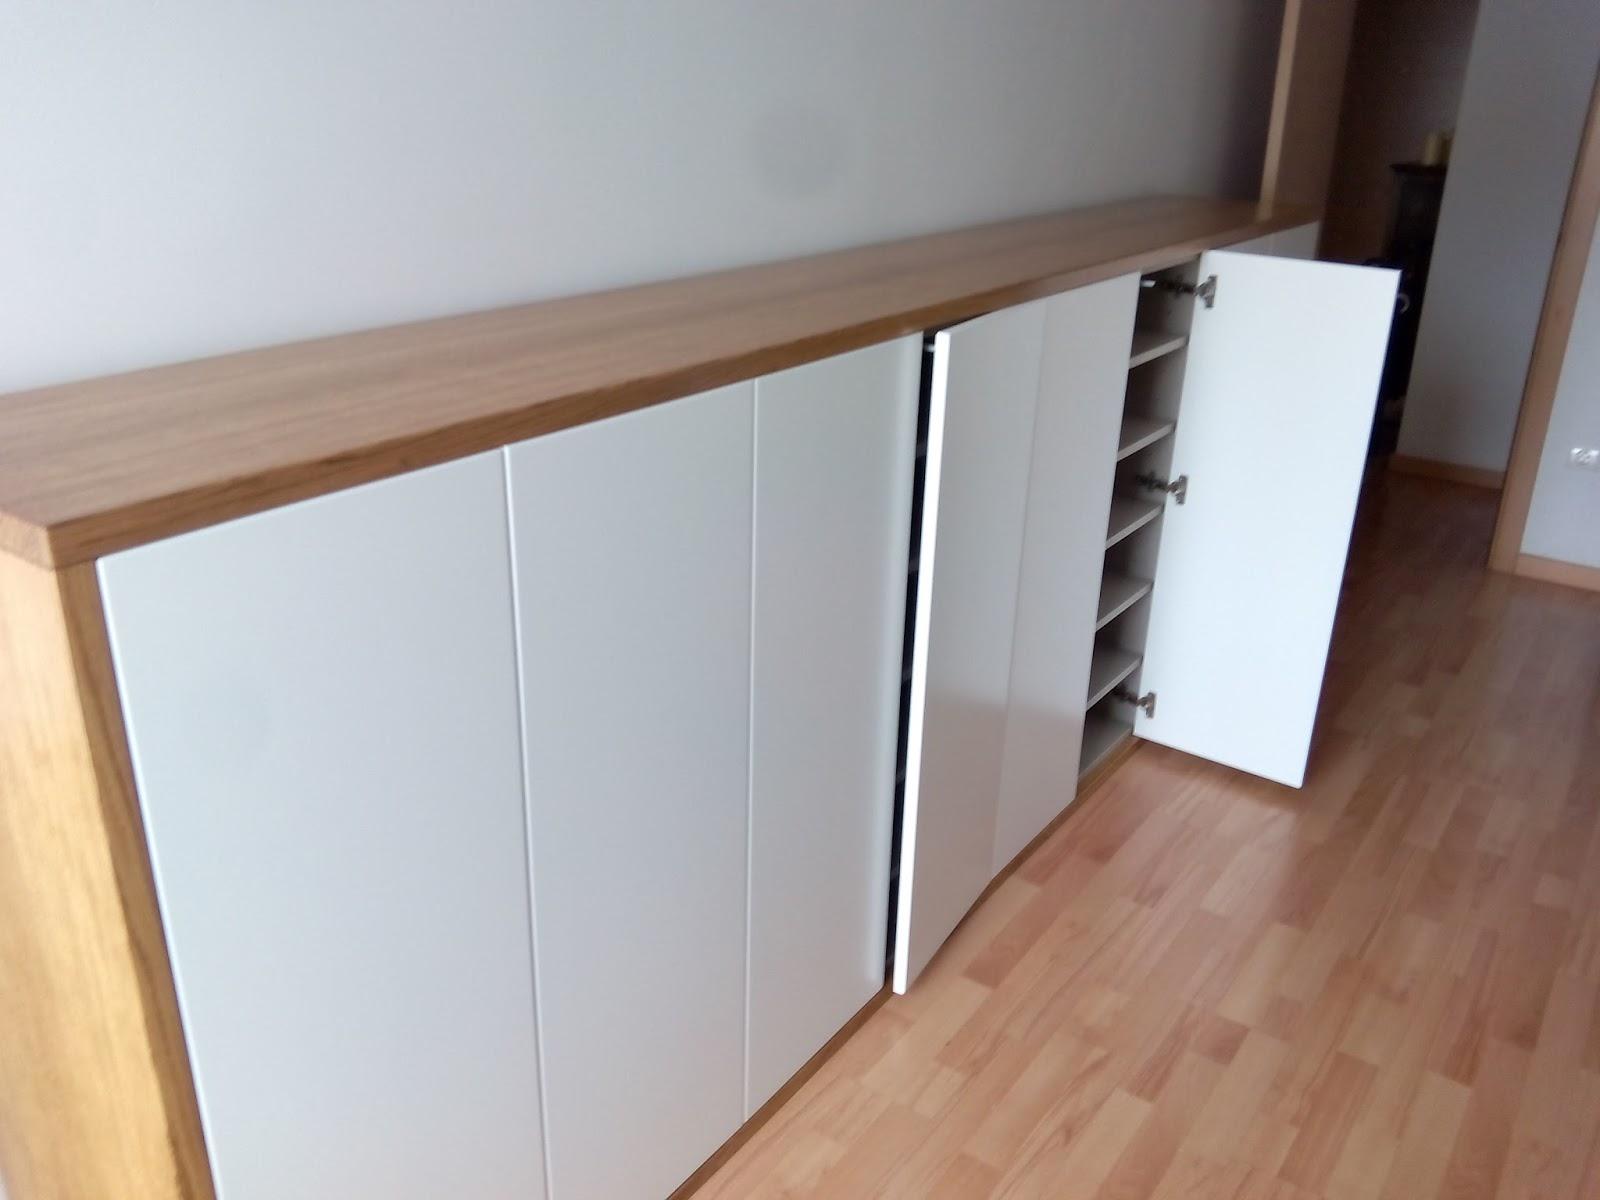 Mueble auxiliar en roble y lacado en blanco a medida muebles cansado zaragoza carpintero - Muebles a medida en zaragoza ...